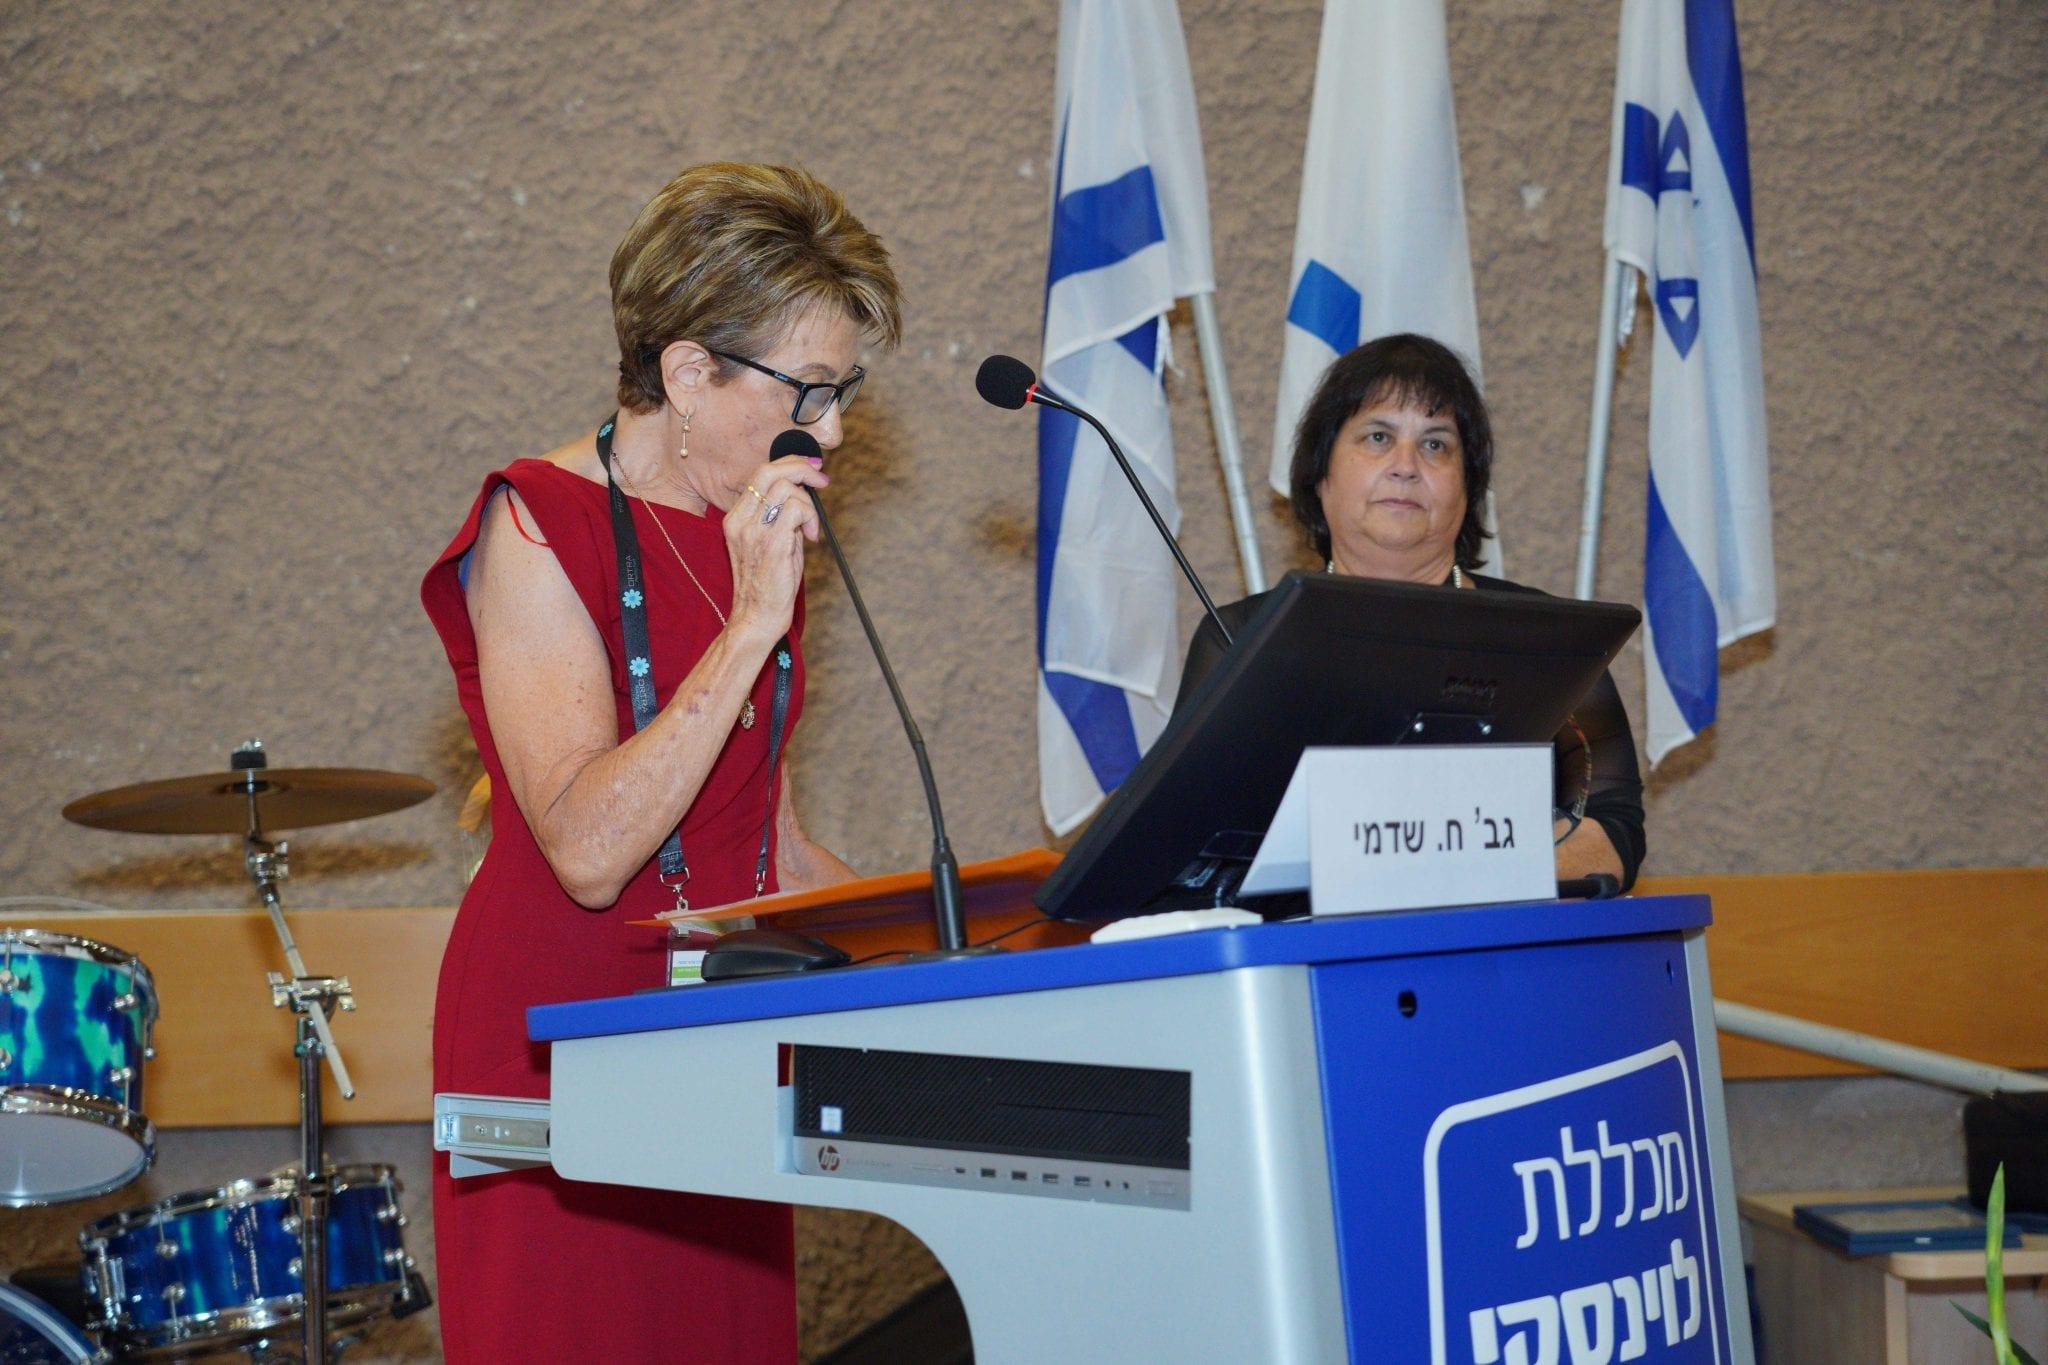 תמונה מהכינוס